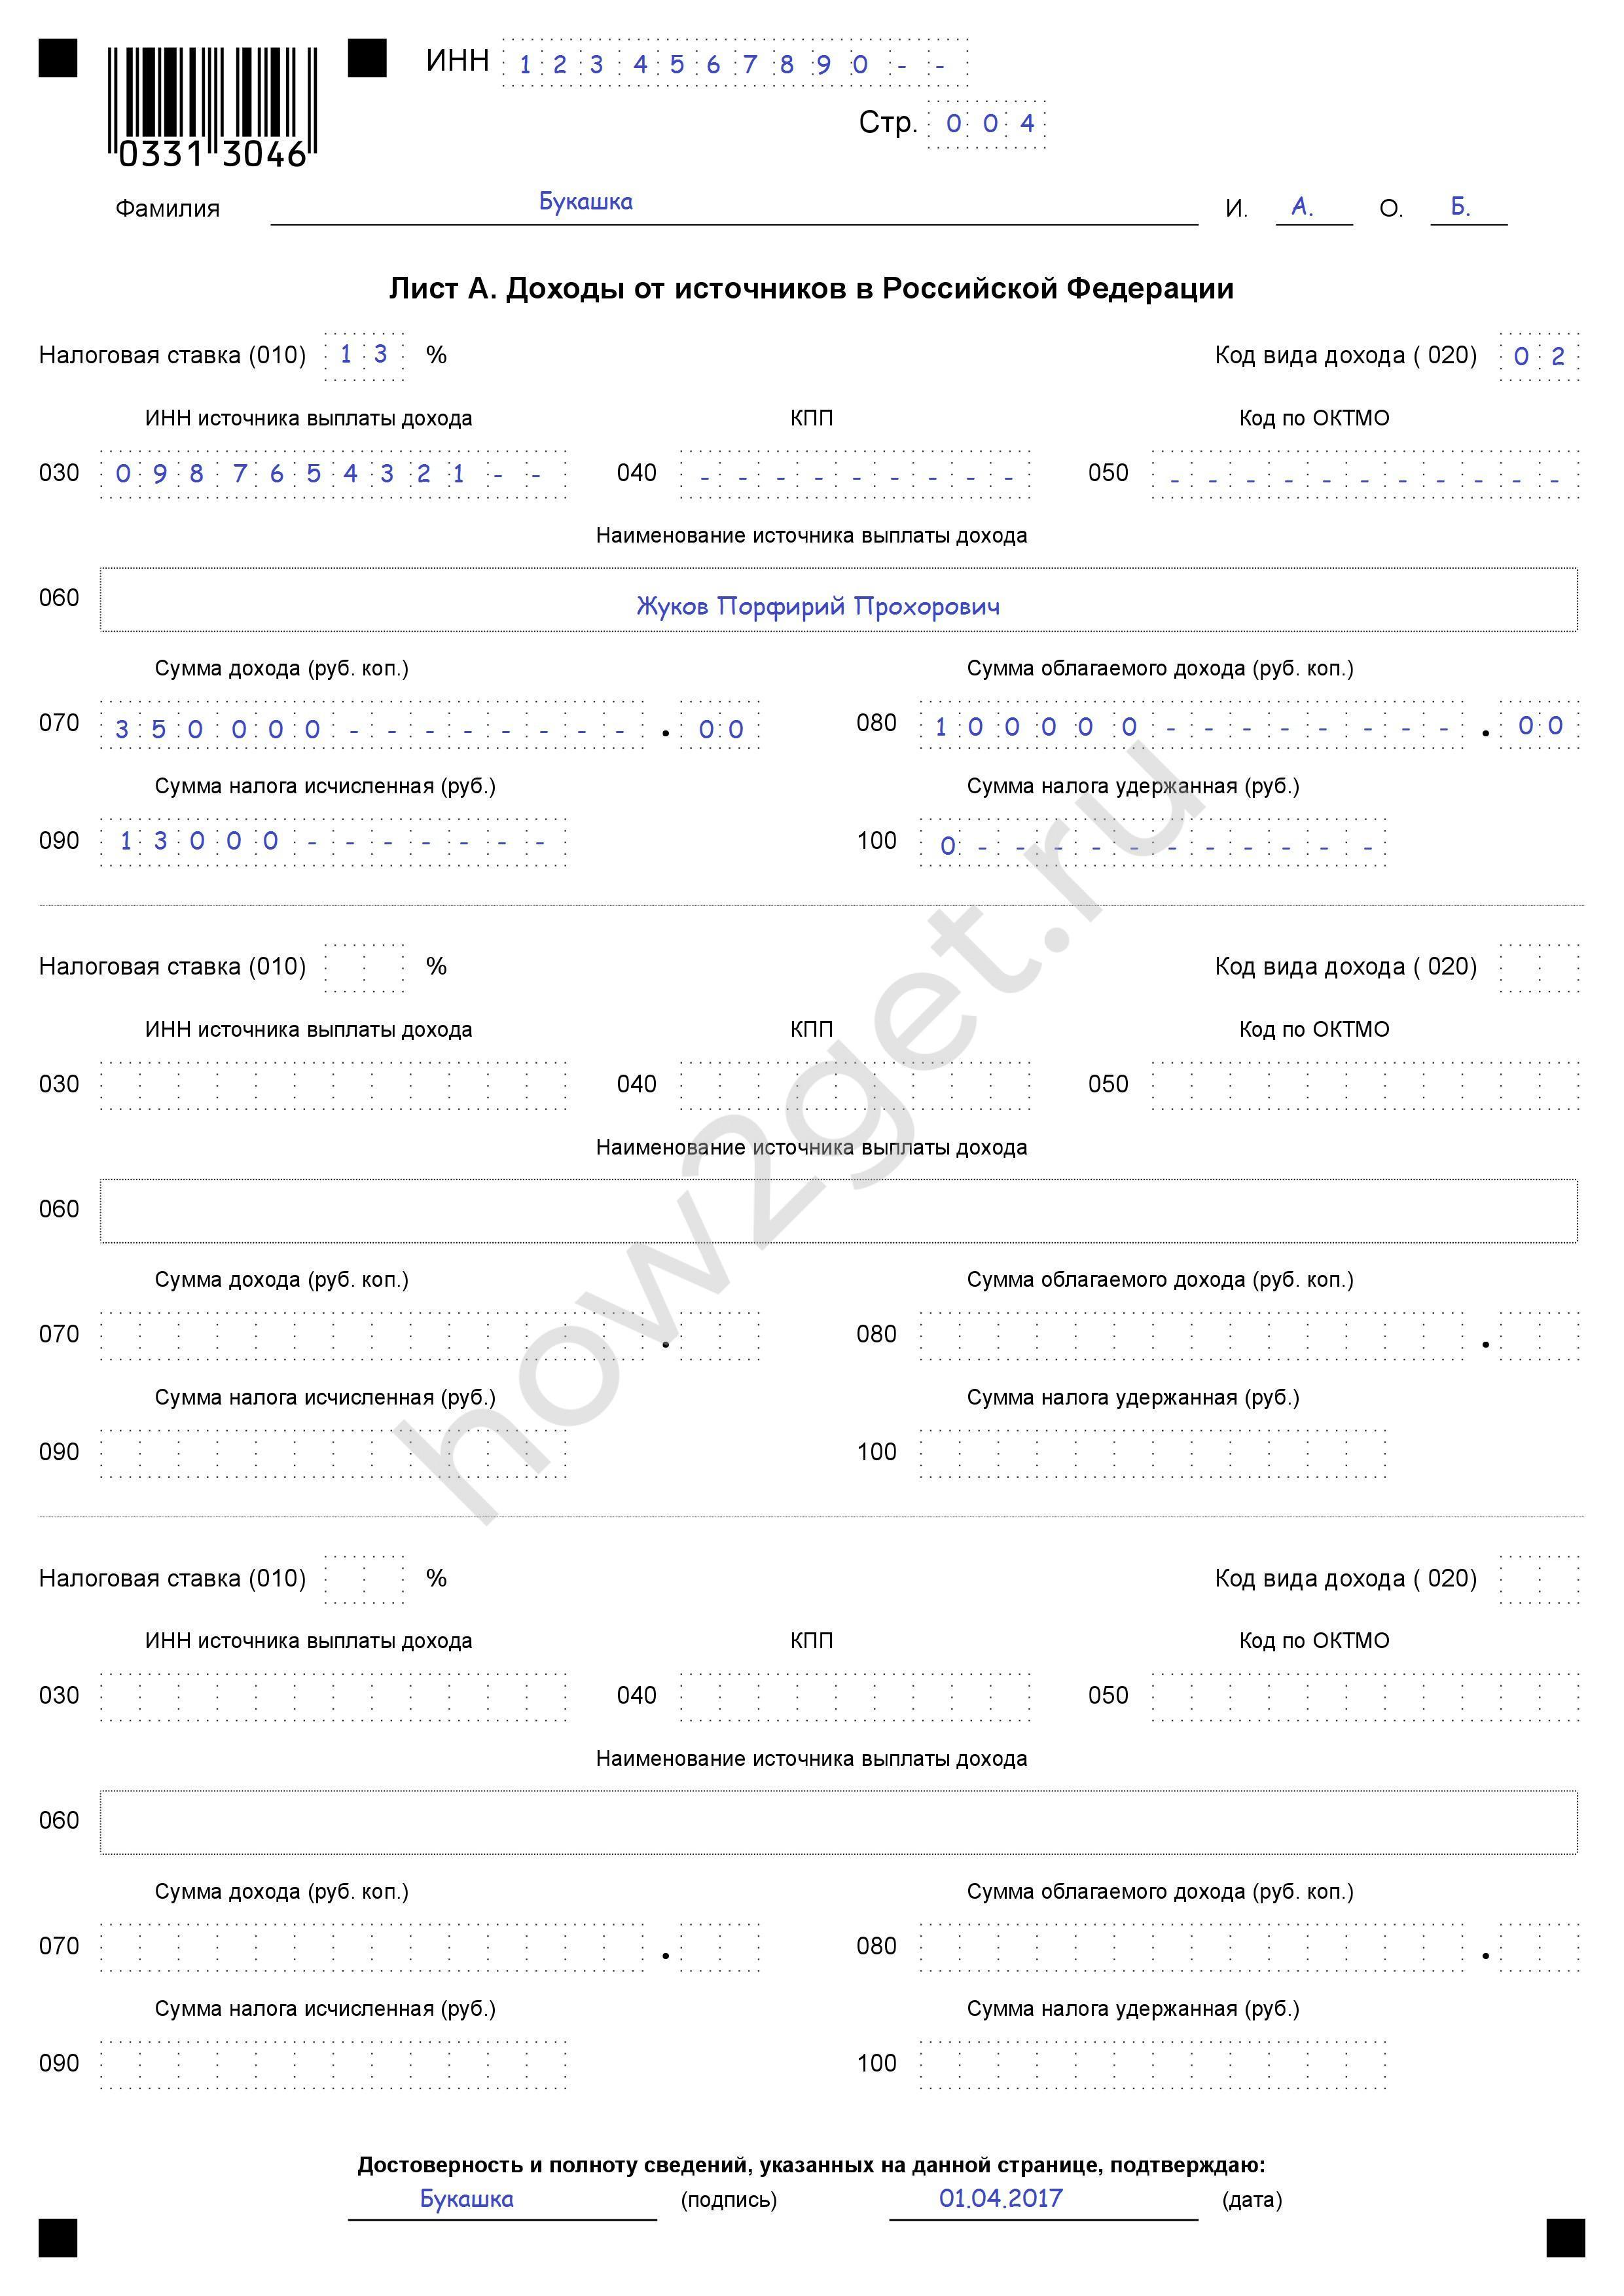 образец формы декларации 3 ндфл за 2019 год